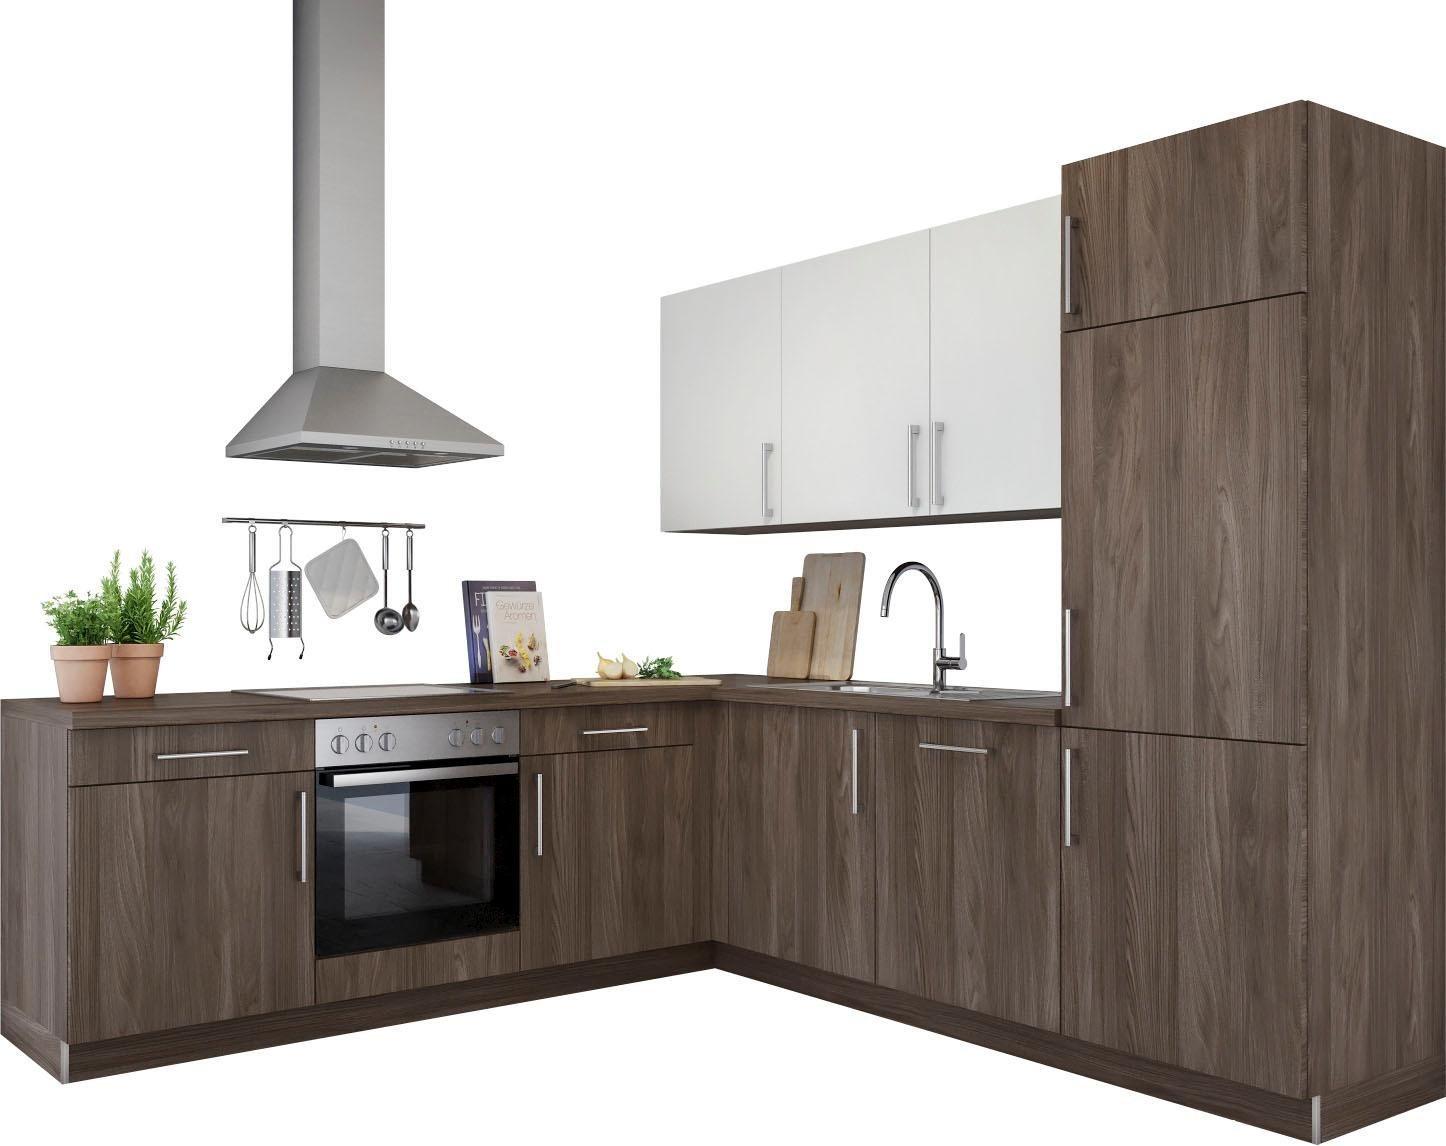 Küche und Esszimmer » Küchen online kaufen   Möbel-Suchmaschine ...